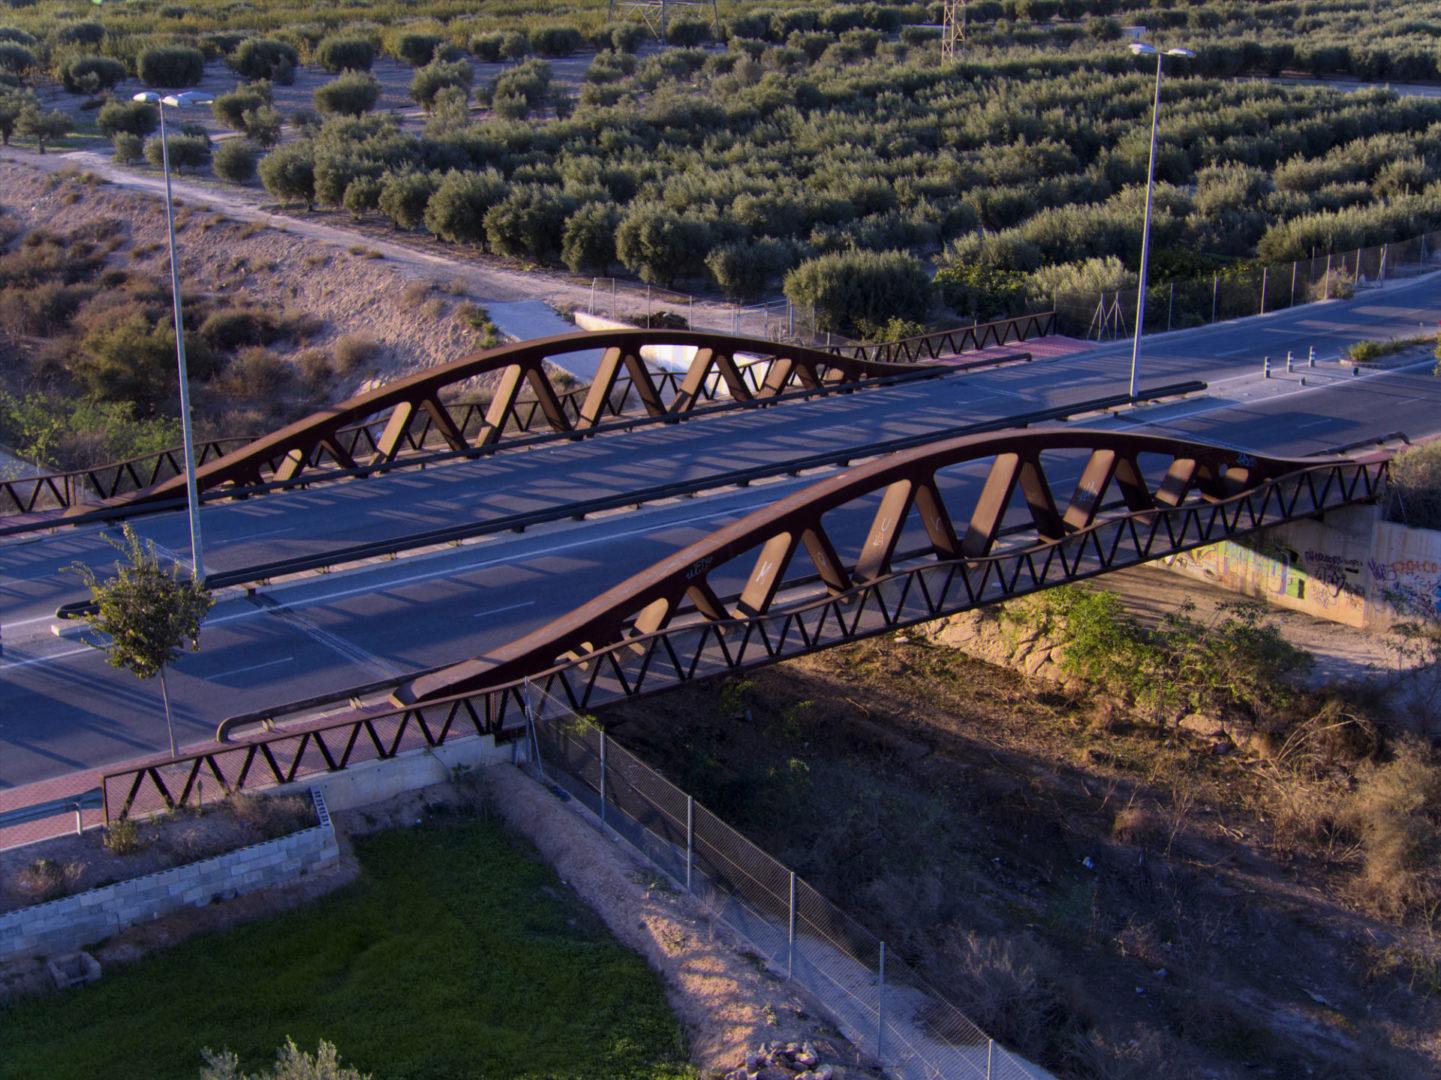 Puente Sangonera-005-Urdecon PEQ